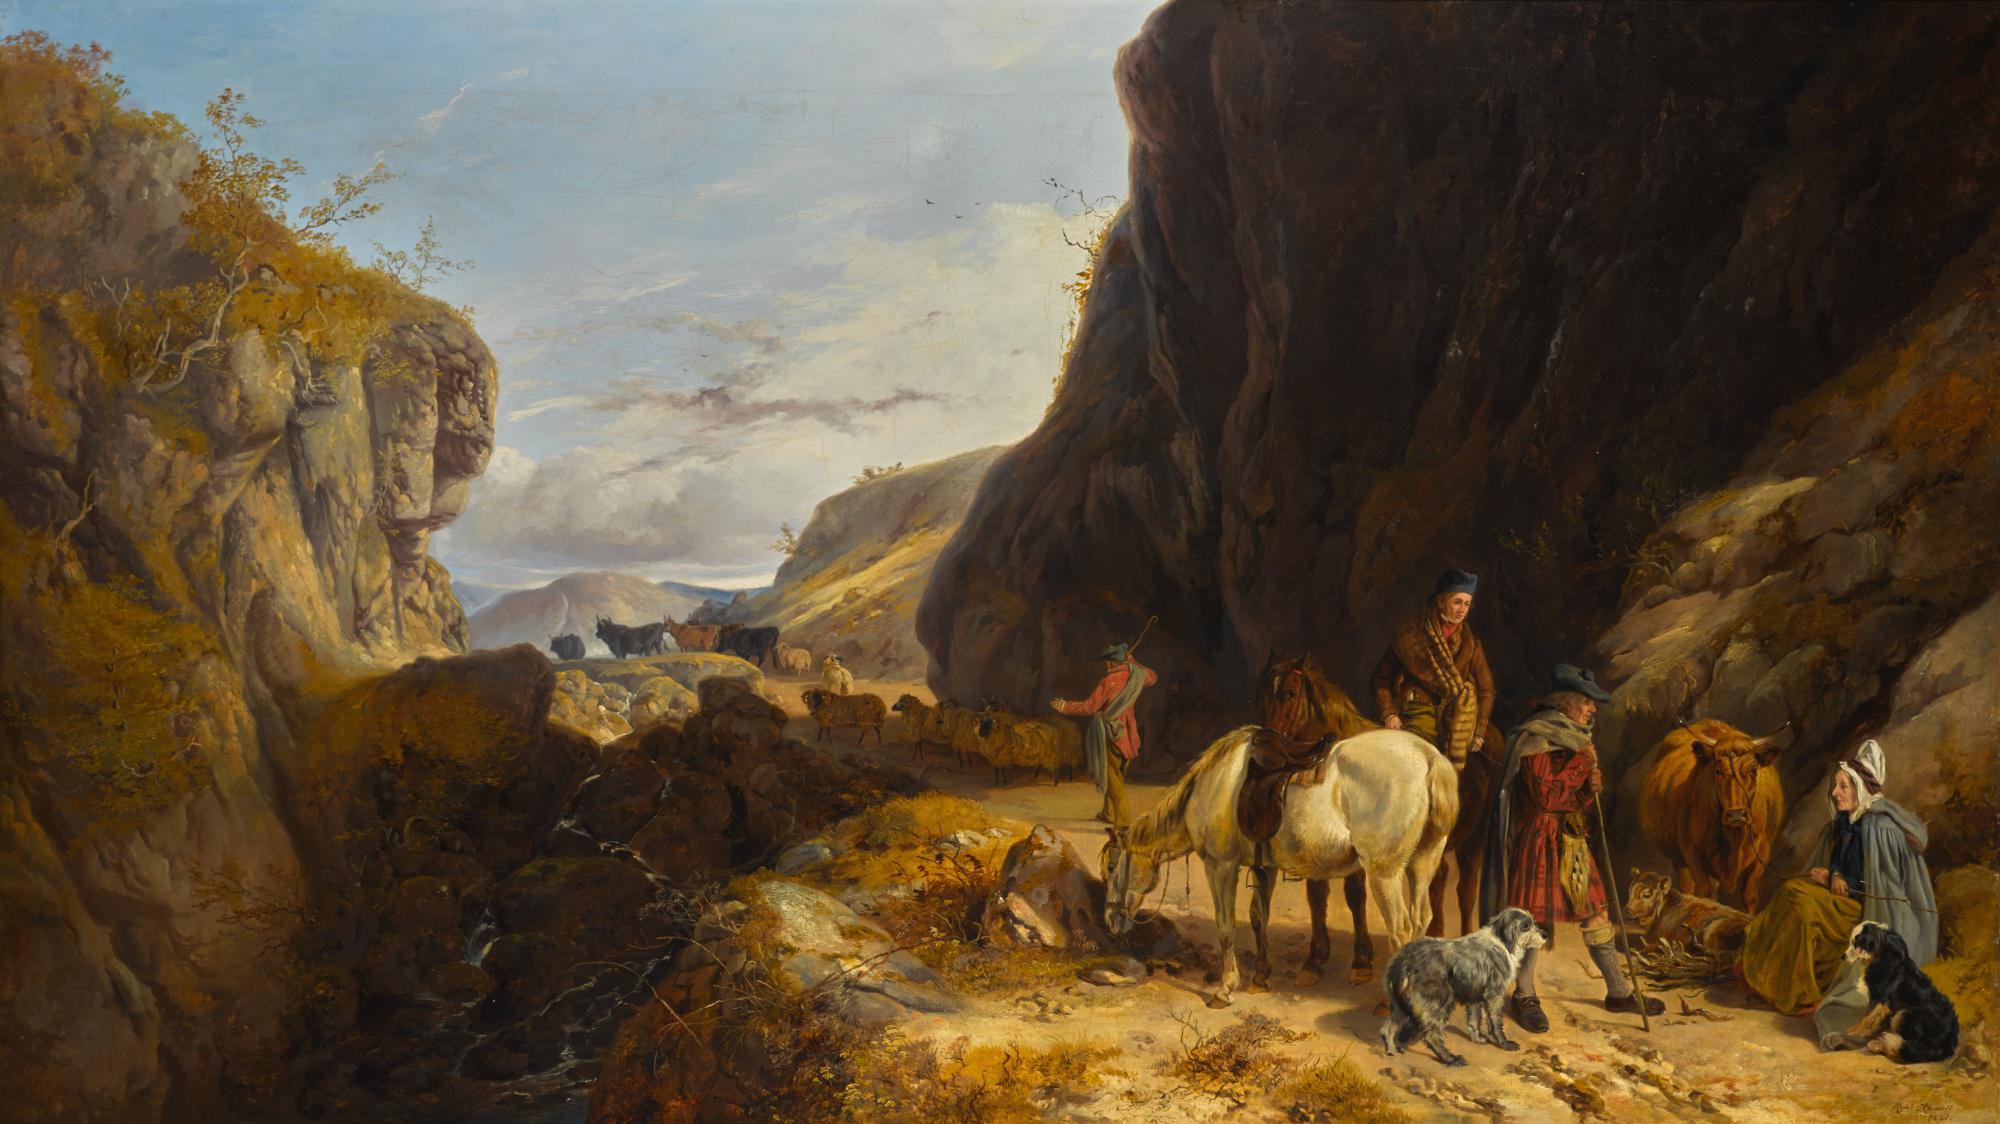 RICHARD ANSDELL, R.A. | A PASS NEAR GLENCOE, ARGYLESHIRE